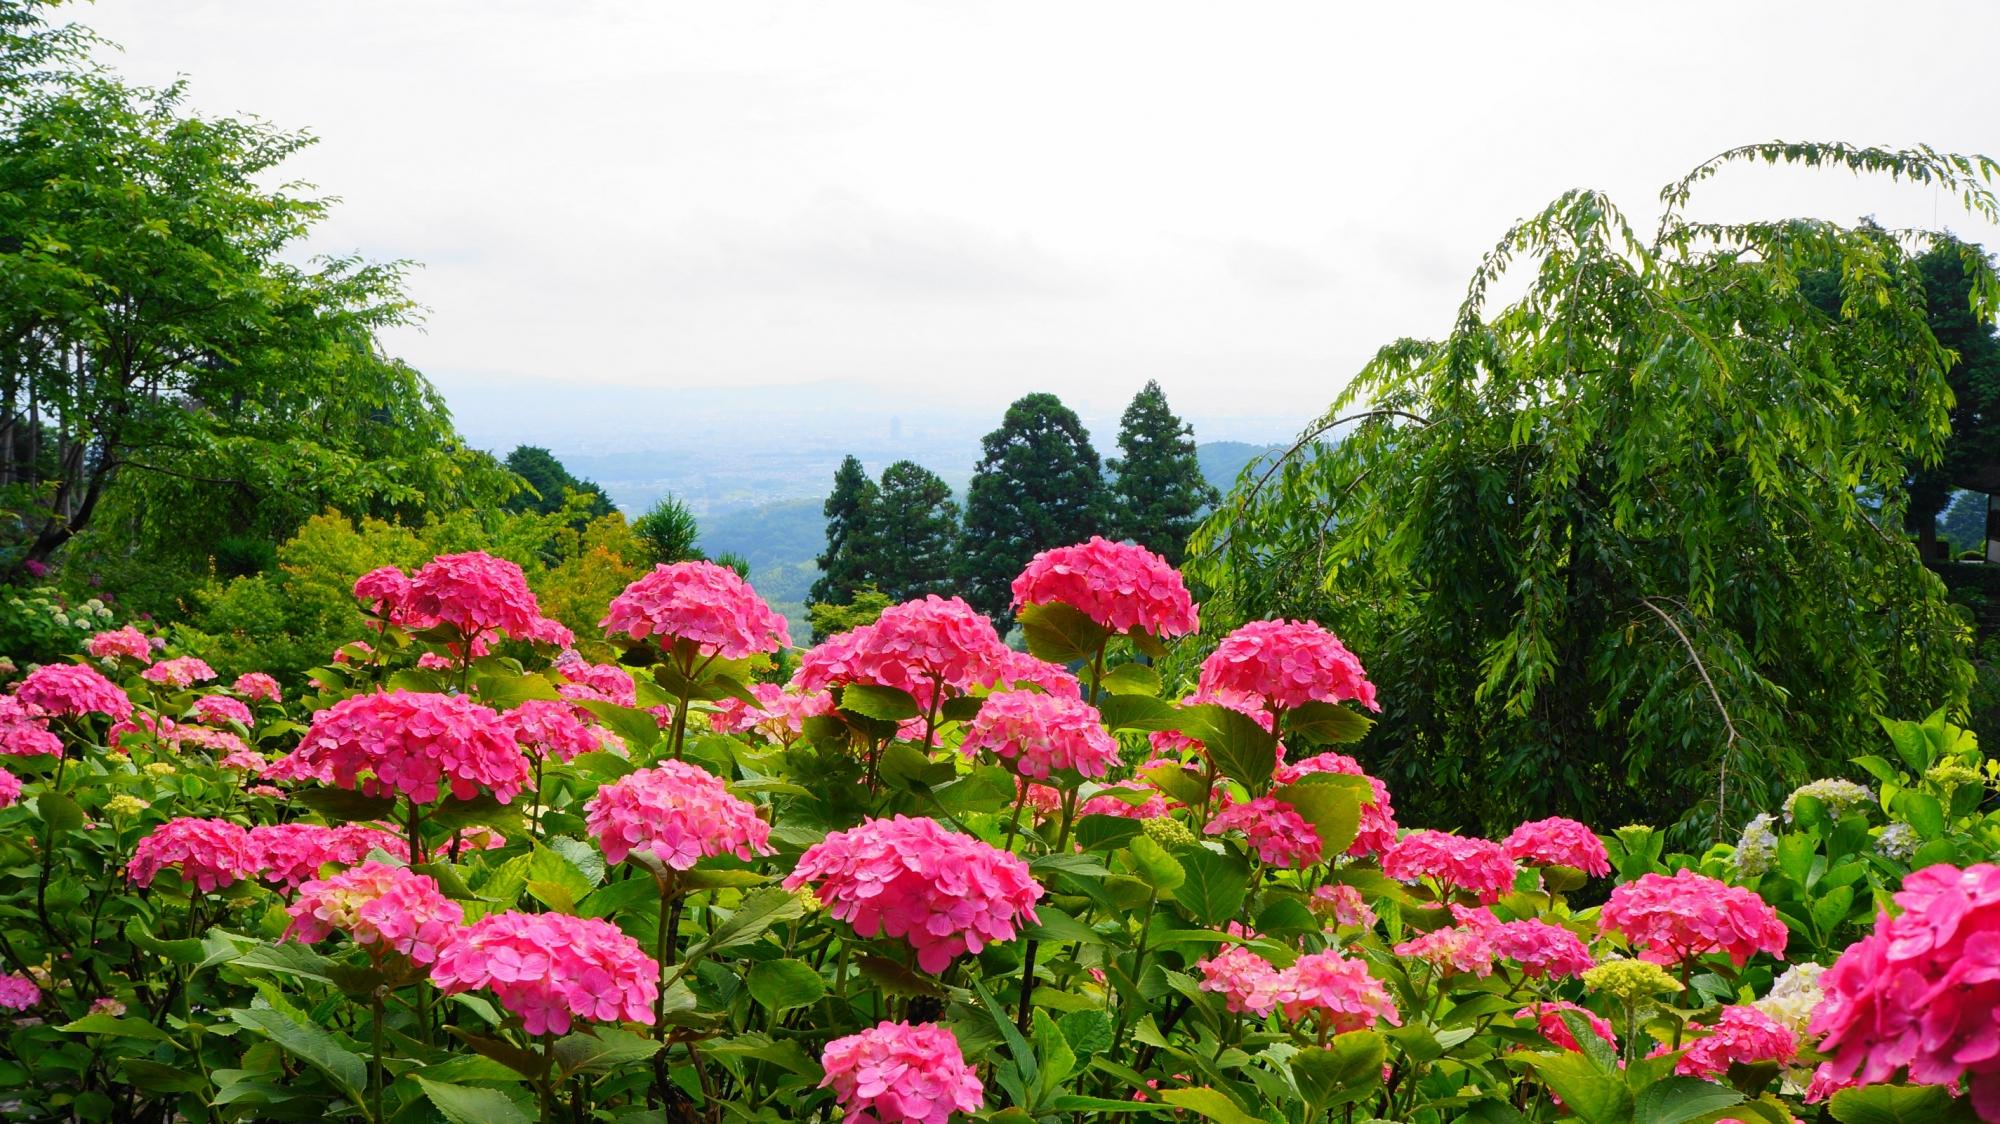 京都市街を背景にした善峯寺の煌くピンクの紫陽花